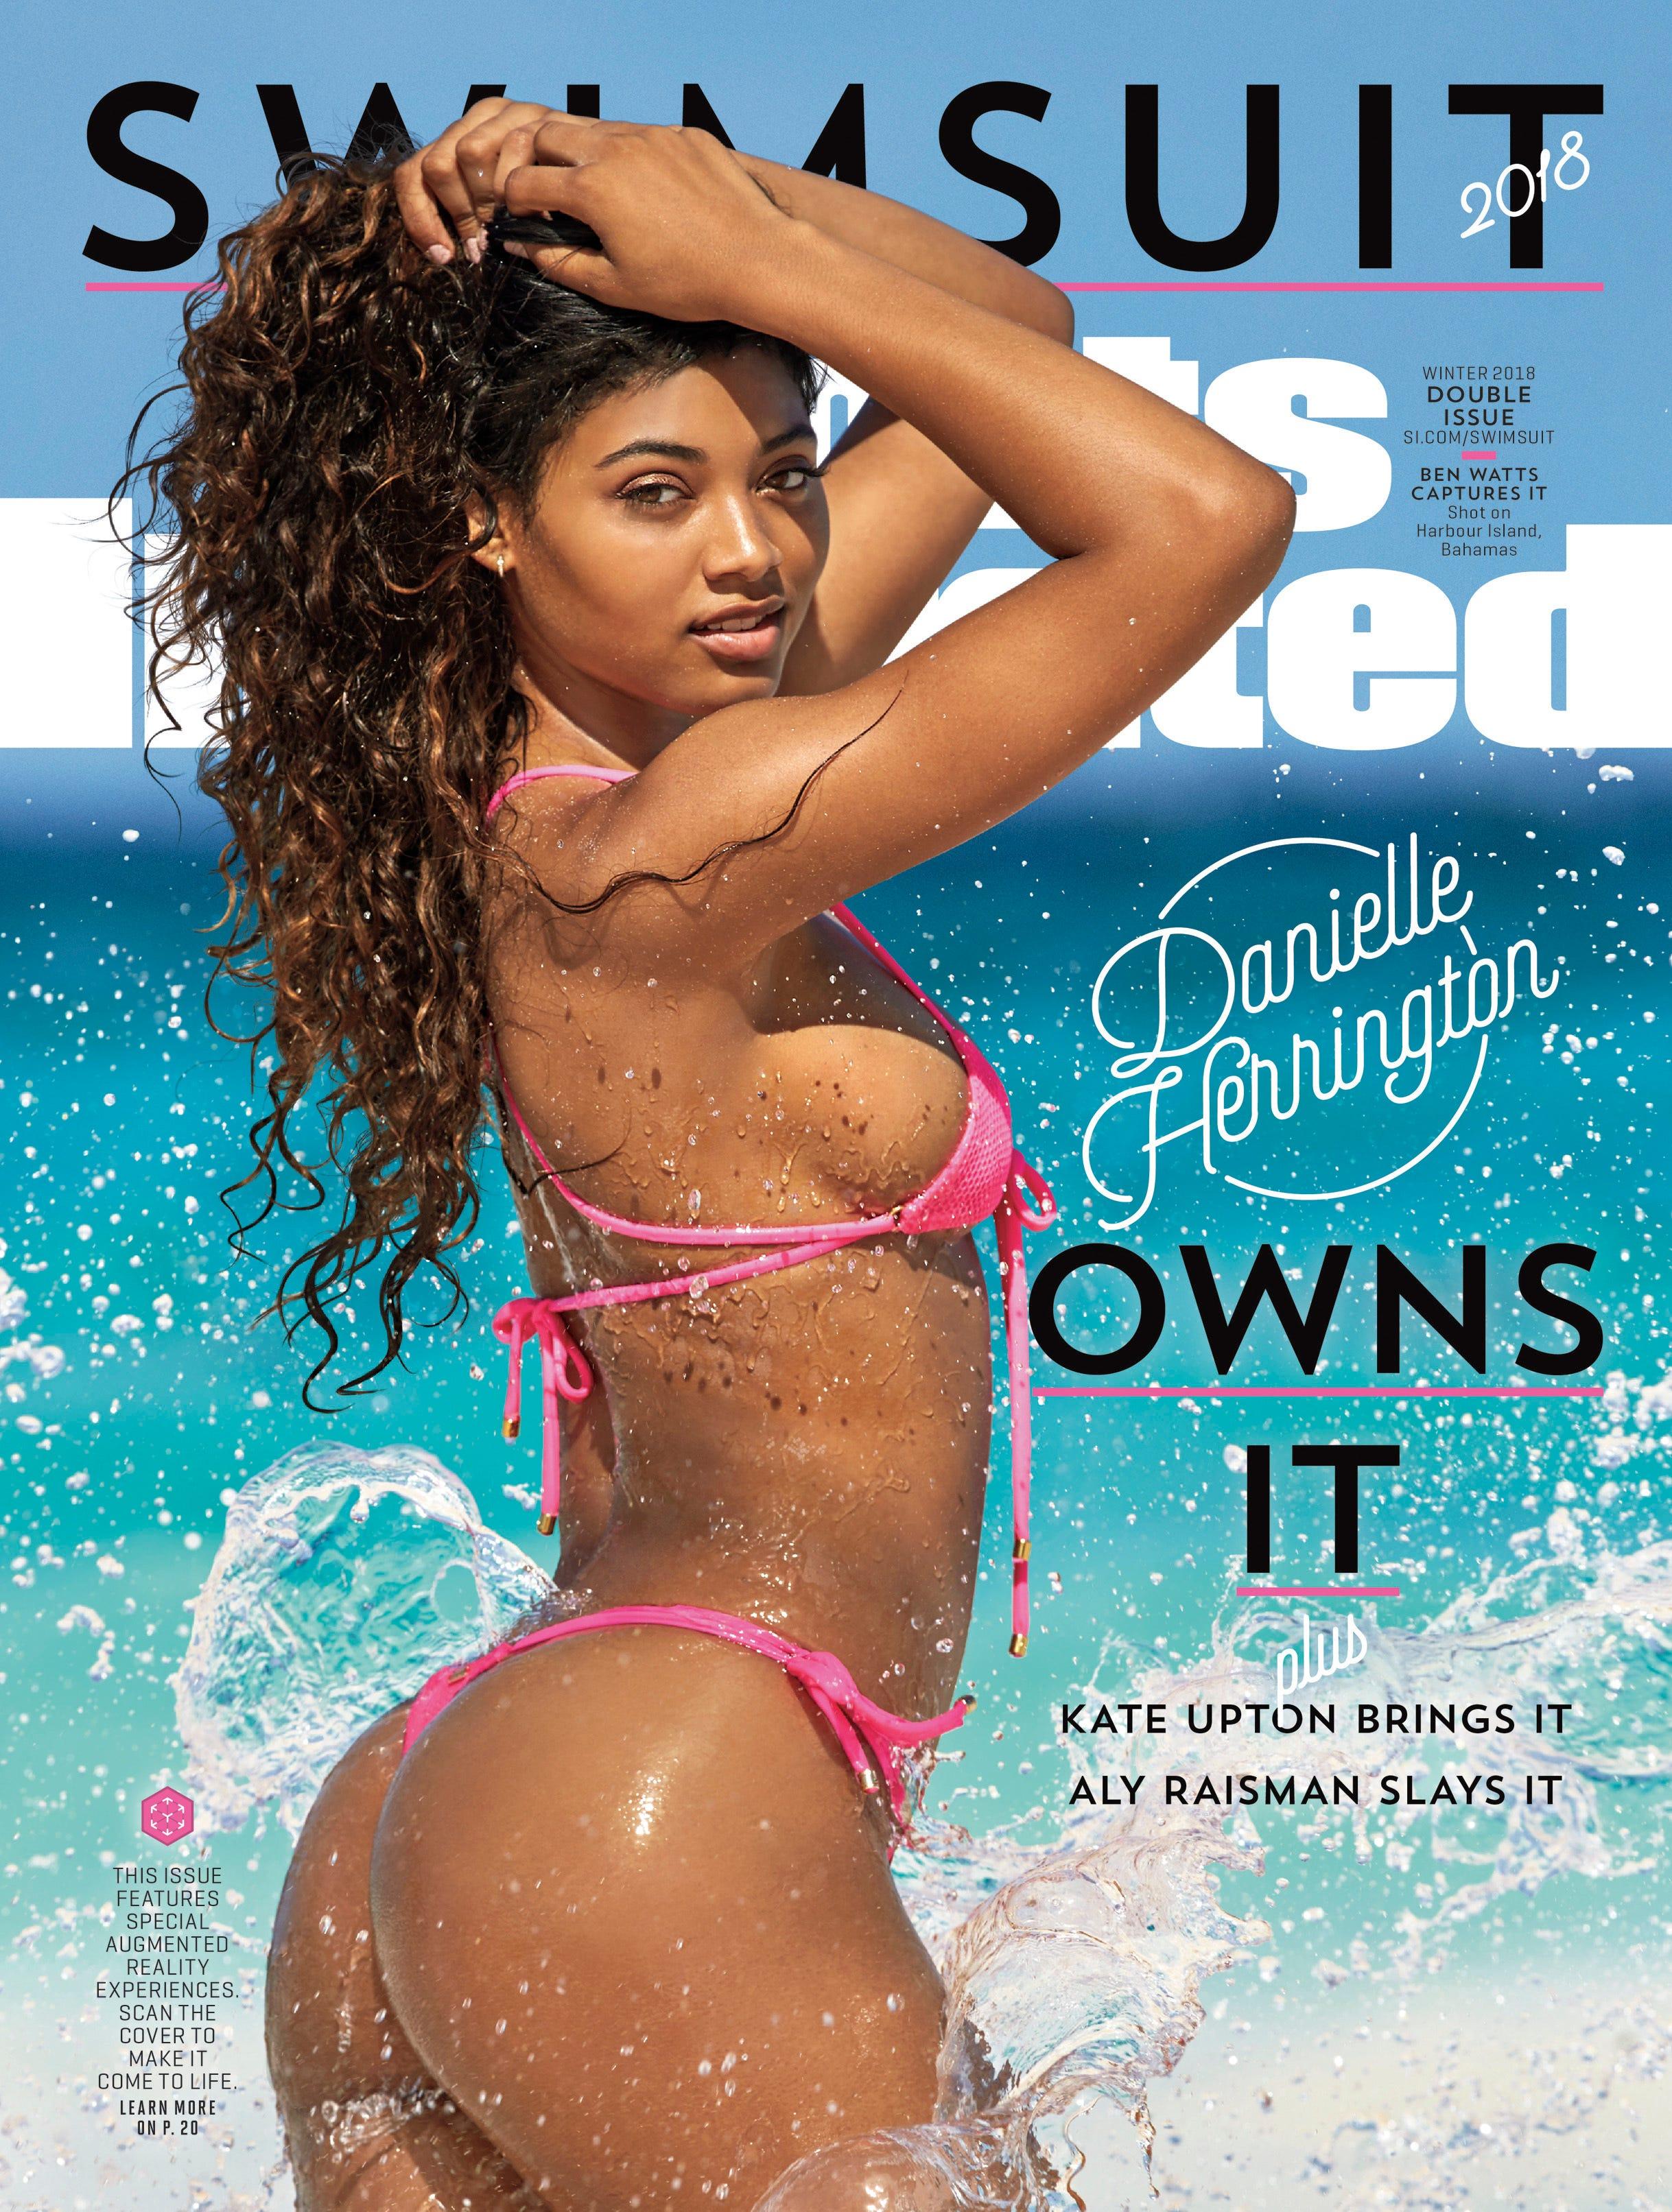 Danielle Herrington USA nude (92 photo), Topless, Sideboobs, Twitter, butt 2006